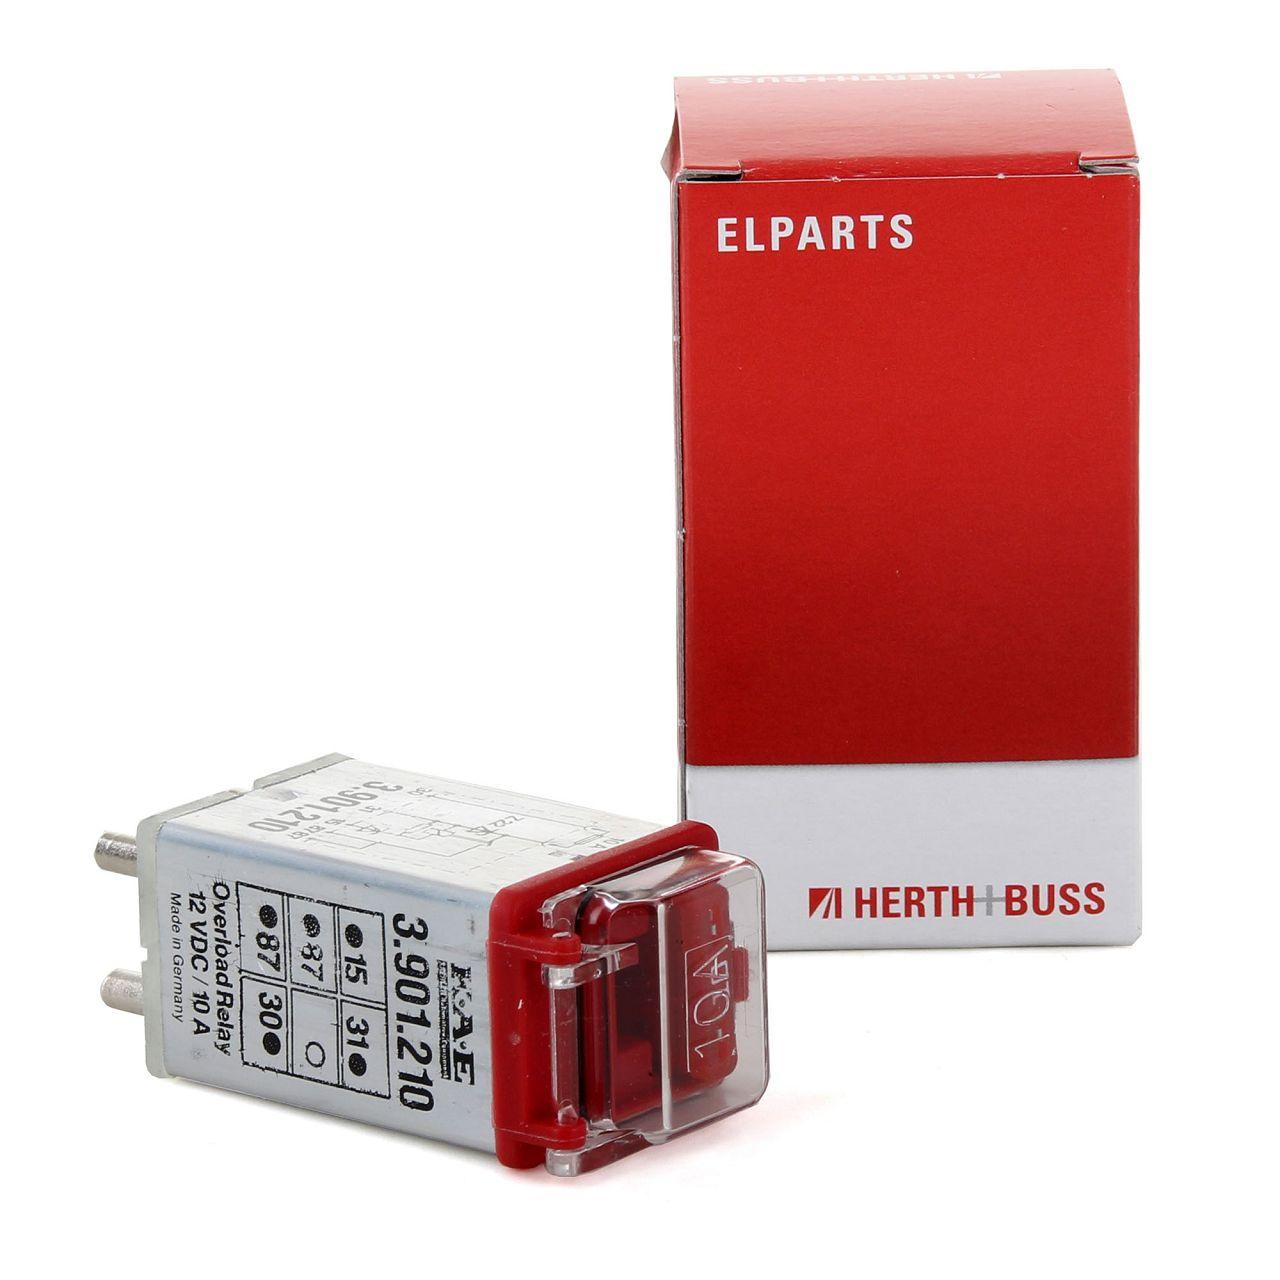 HERTH+BUSS ELPARTS Relais Überspannungsschutz ABS für MERCEDES W201 W460 W126 R